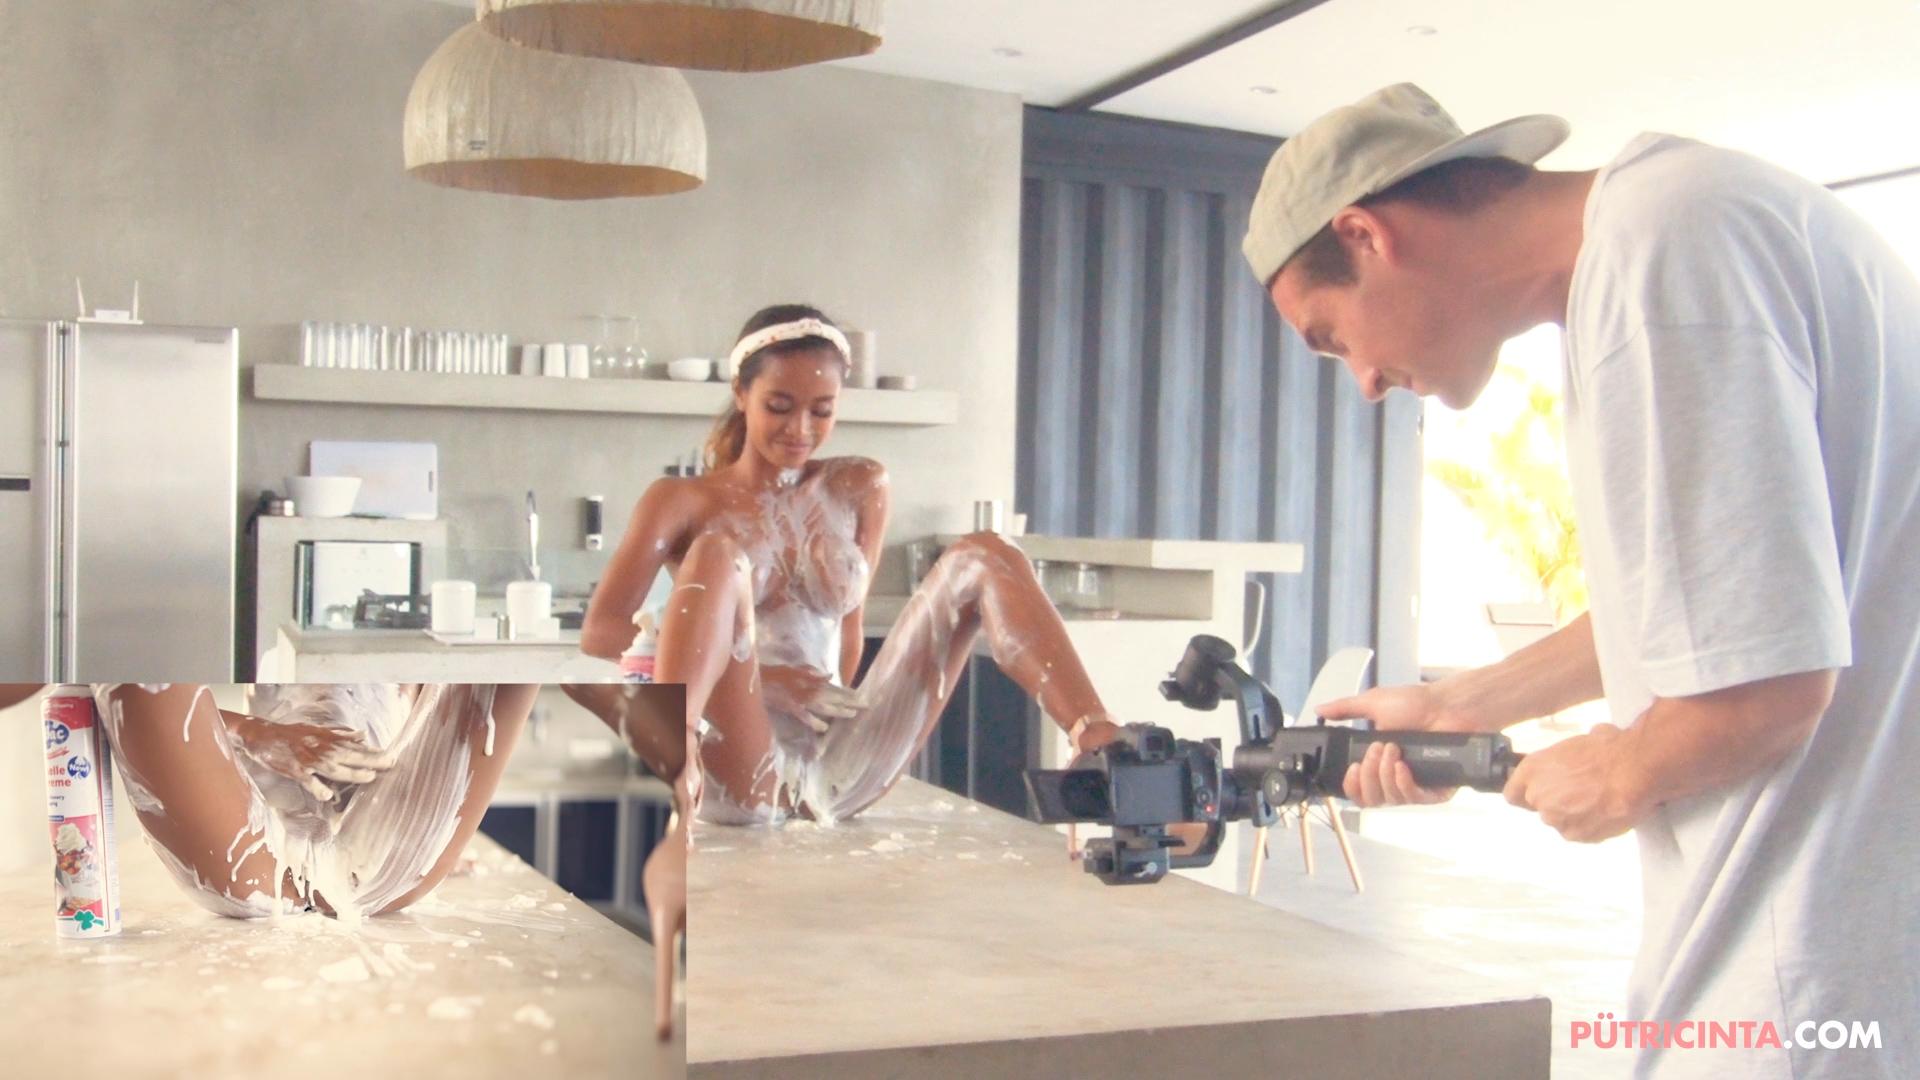 028-Putri-Cinta-Cooking-Class-bts-stills-24.jpg